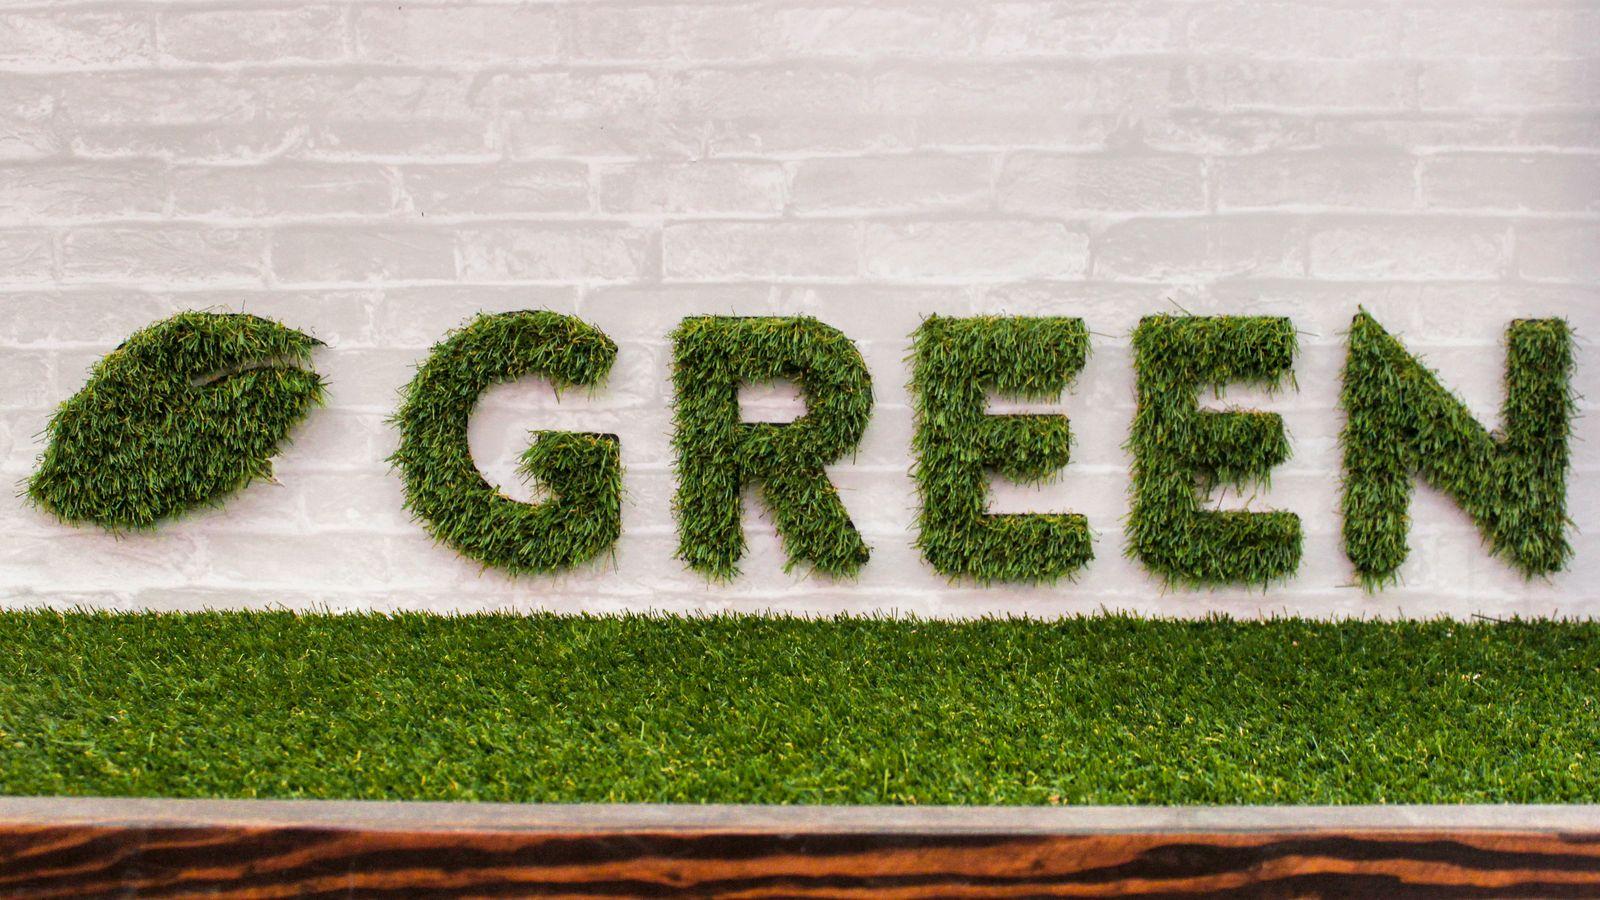 Artificial grass sign